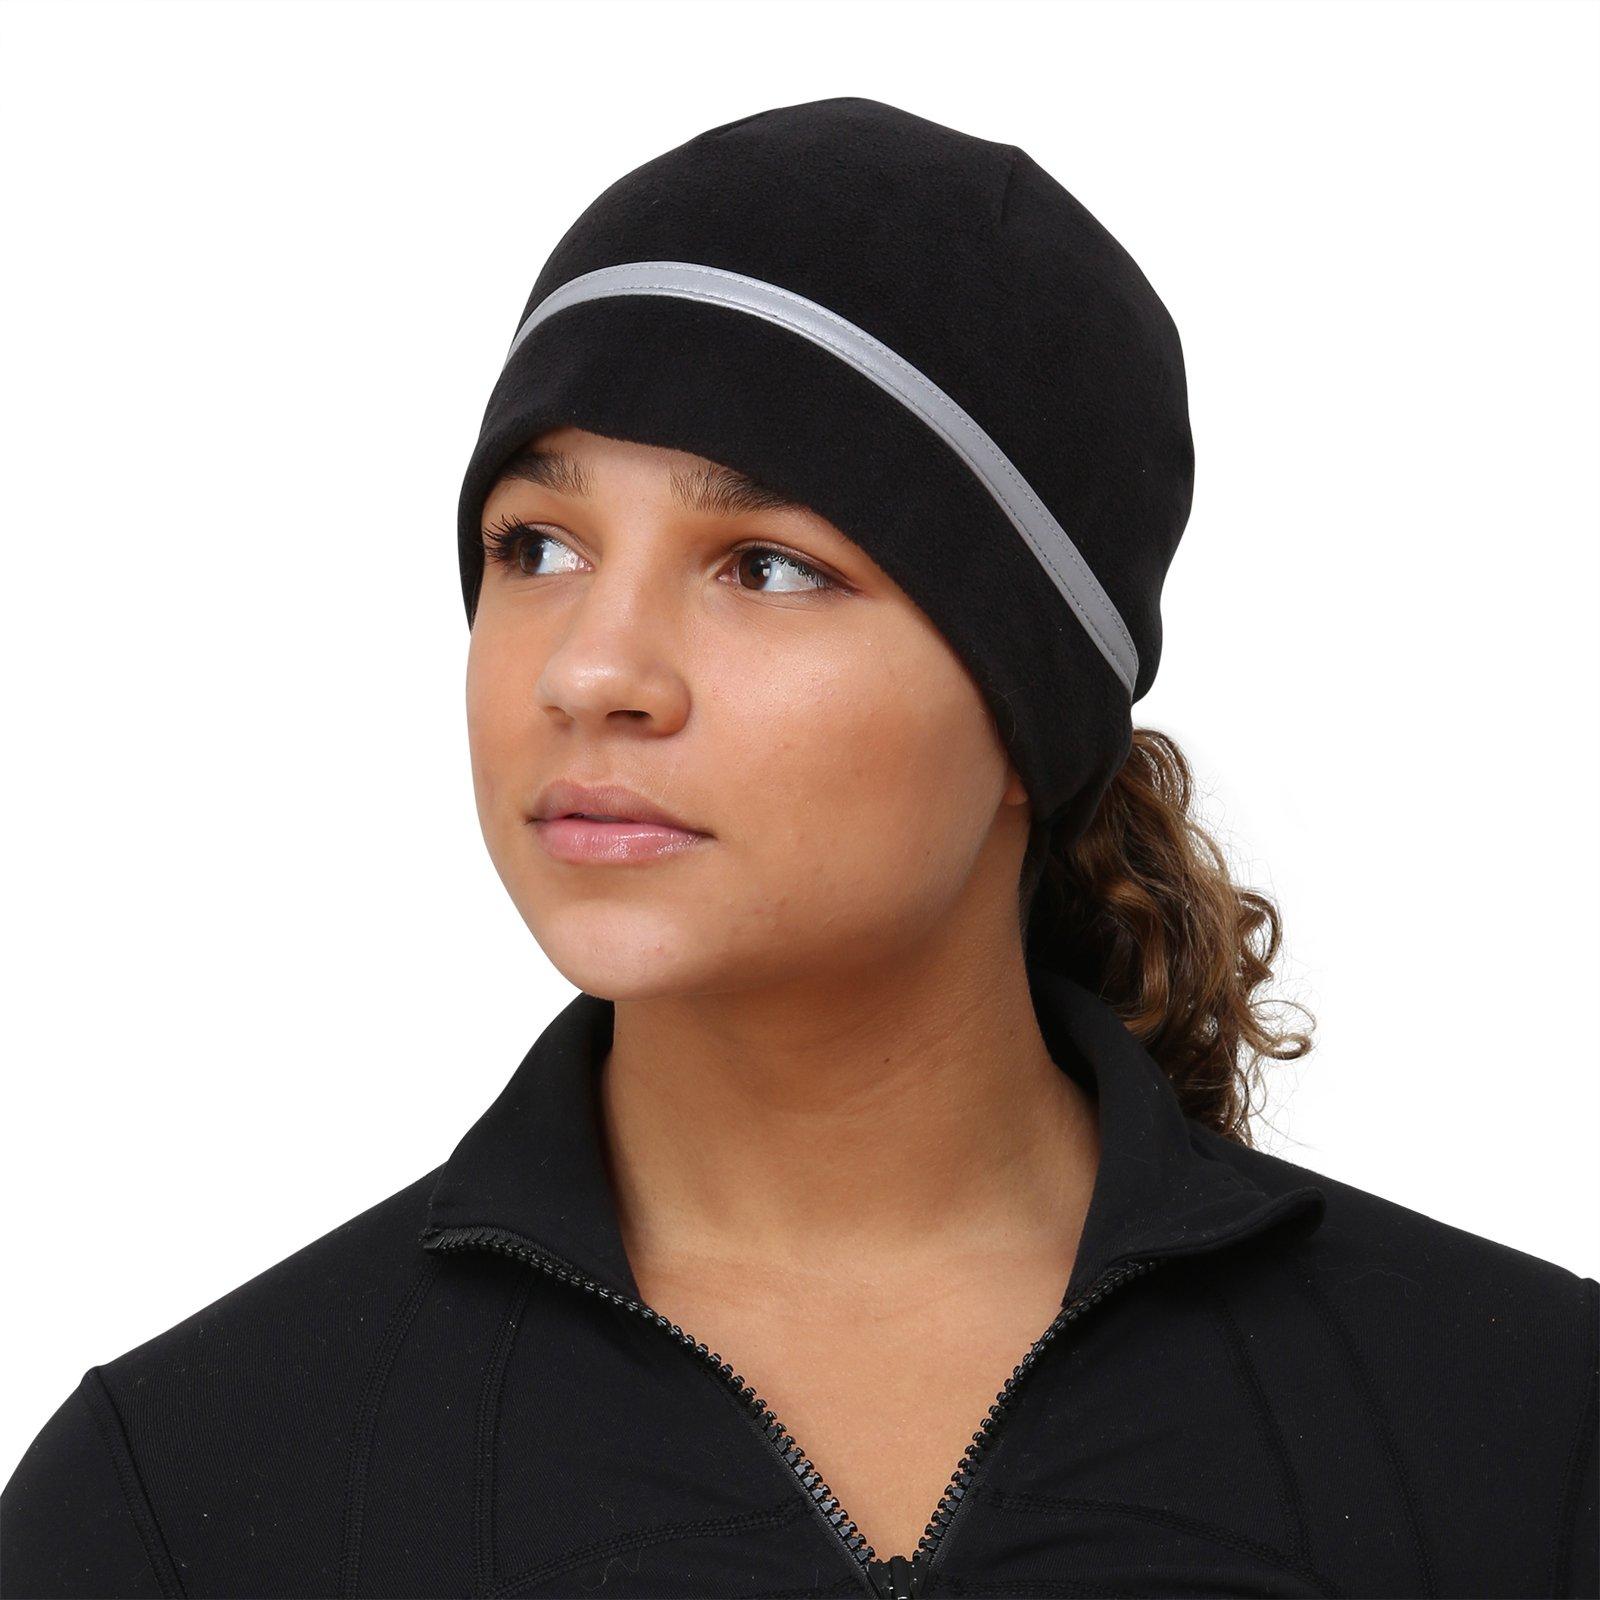 TrailHeads Women's Ponytail Hat - Reflective Cold Weather Running Beanie - black/swirl